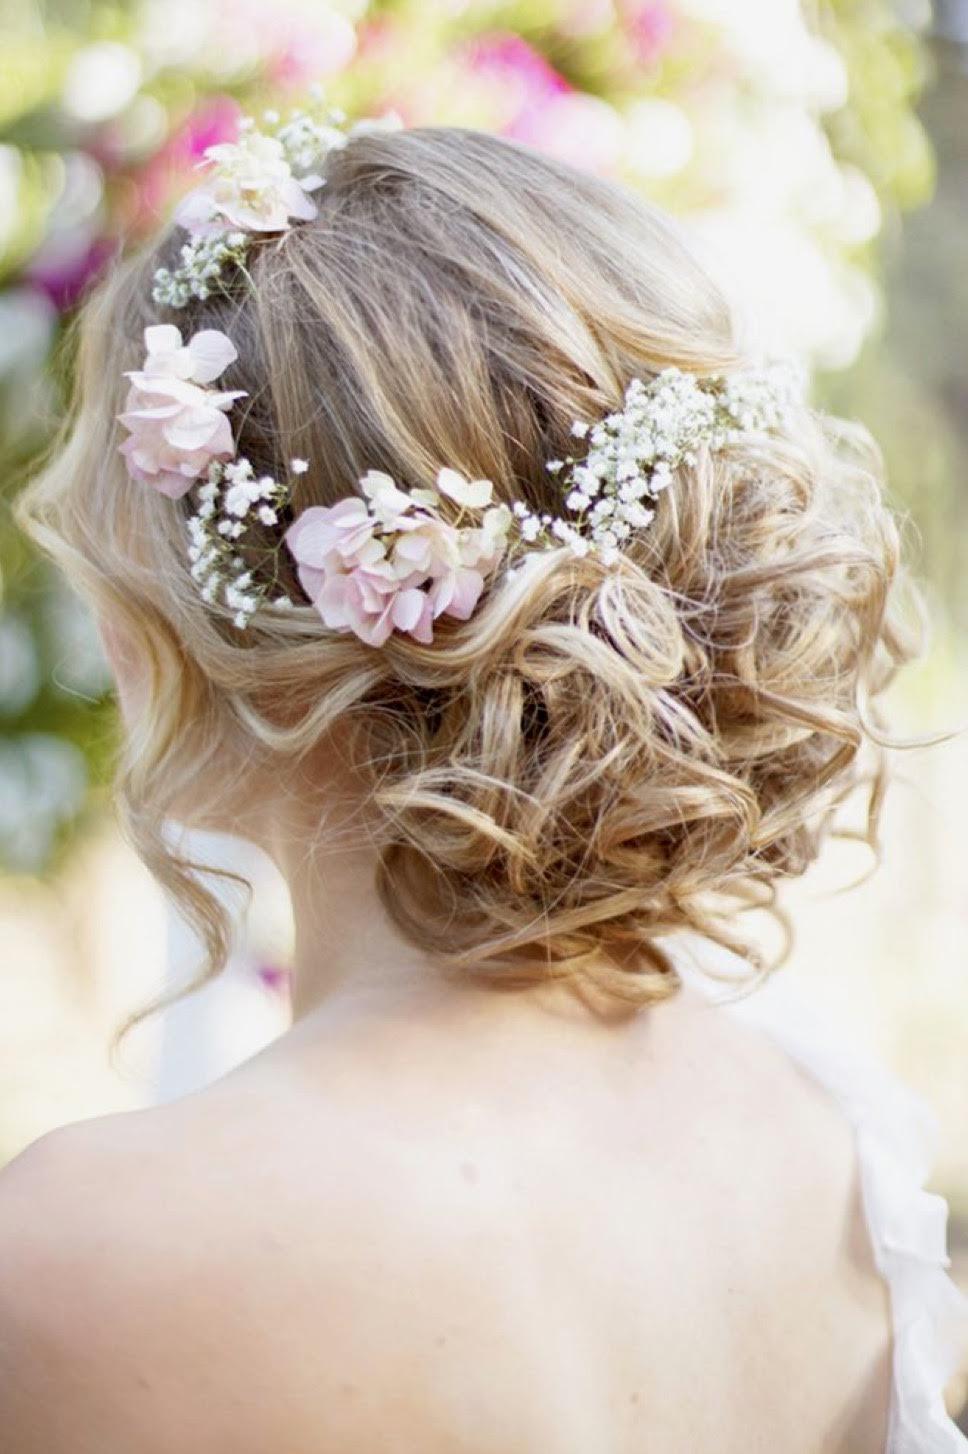 На фото: свадебная прическа с локонами и украшением в виде венка из цветов.